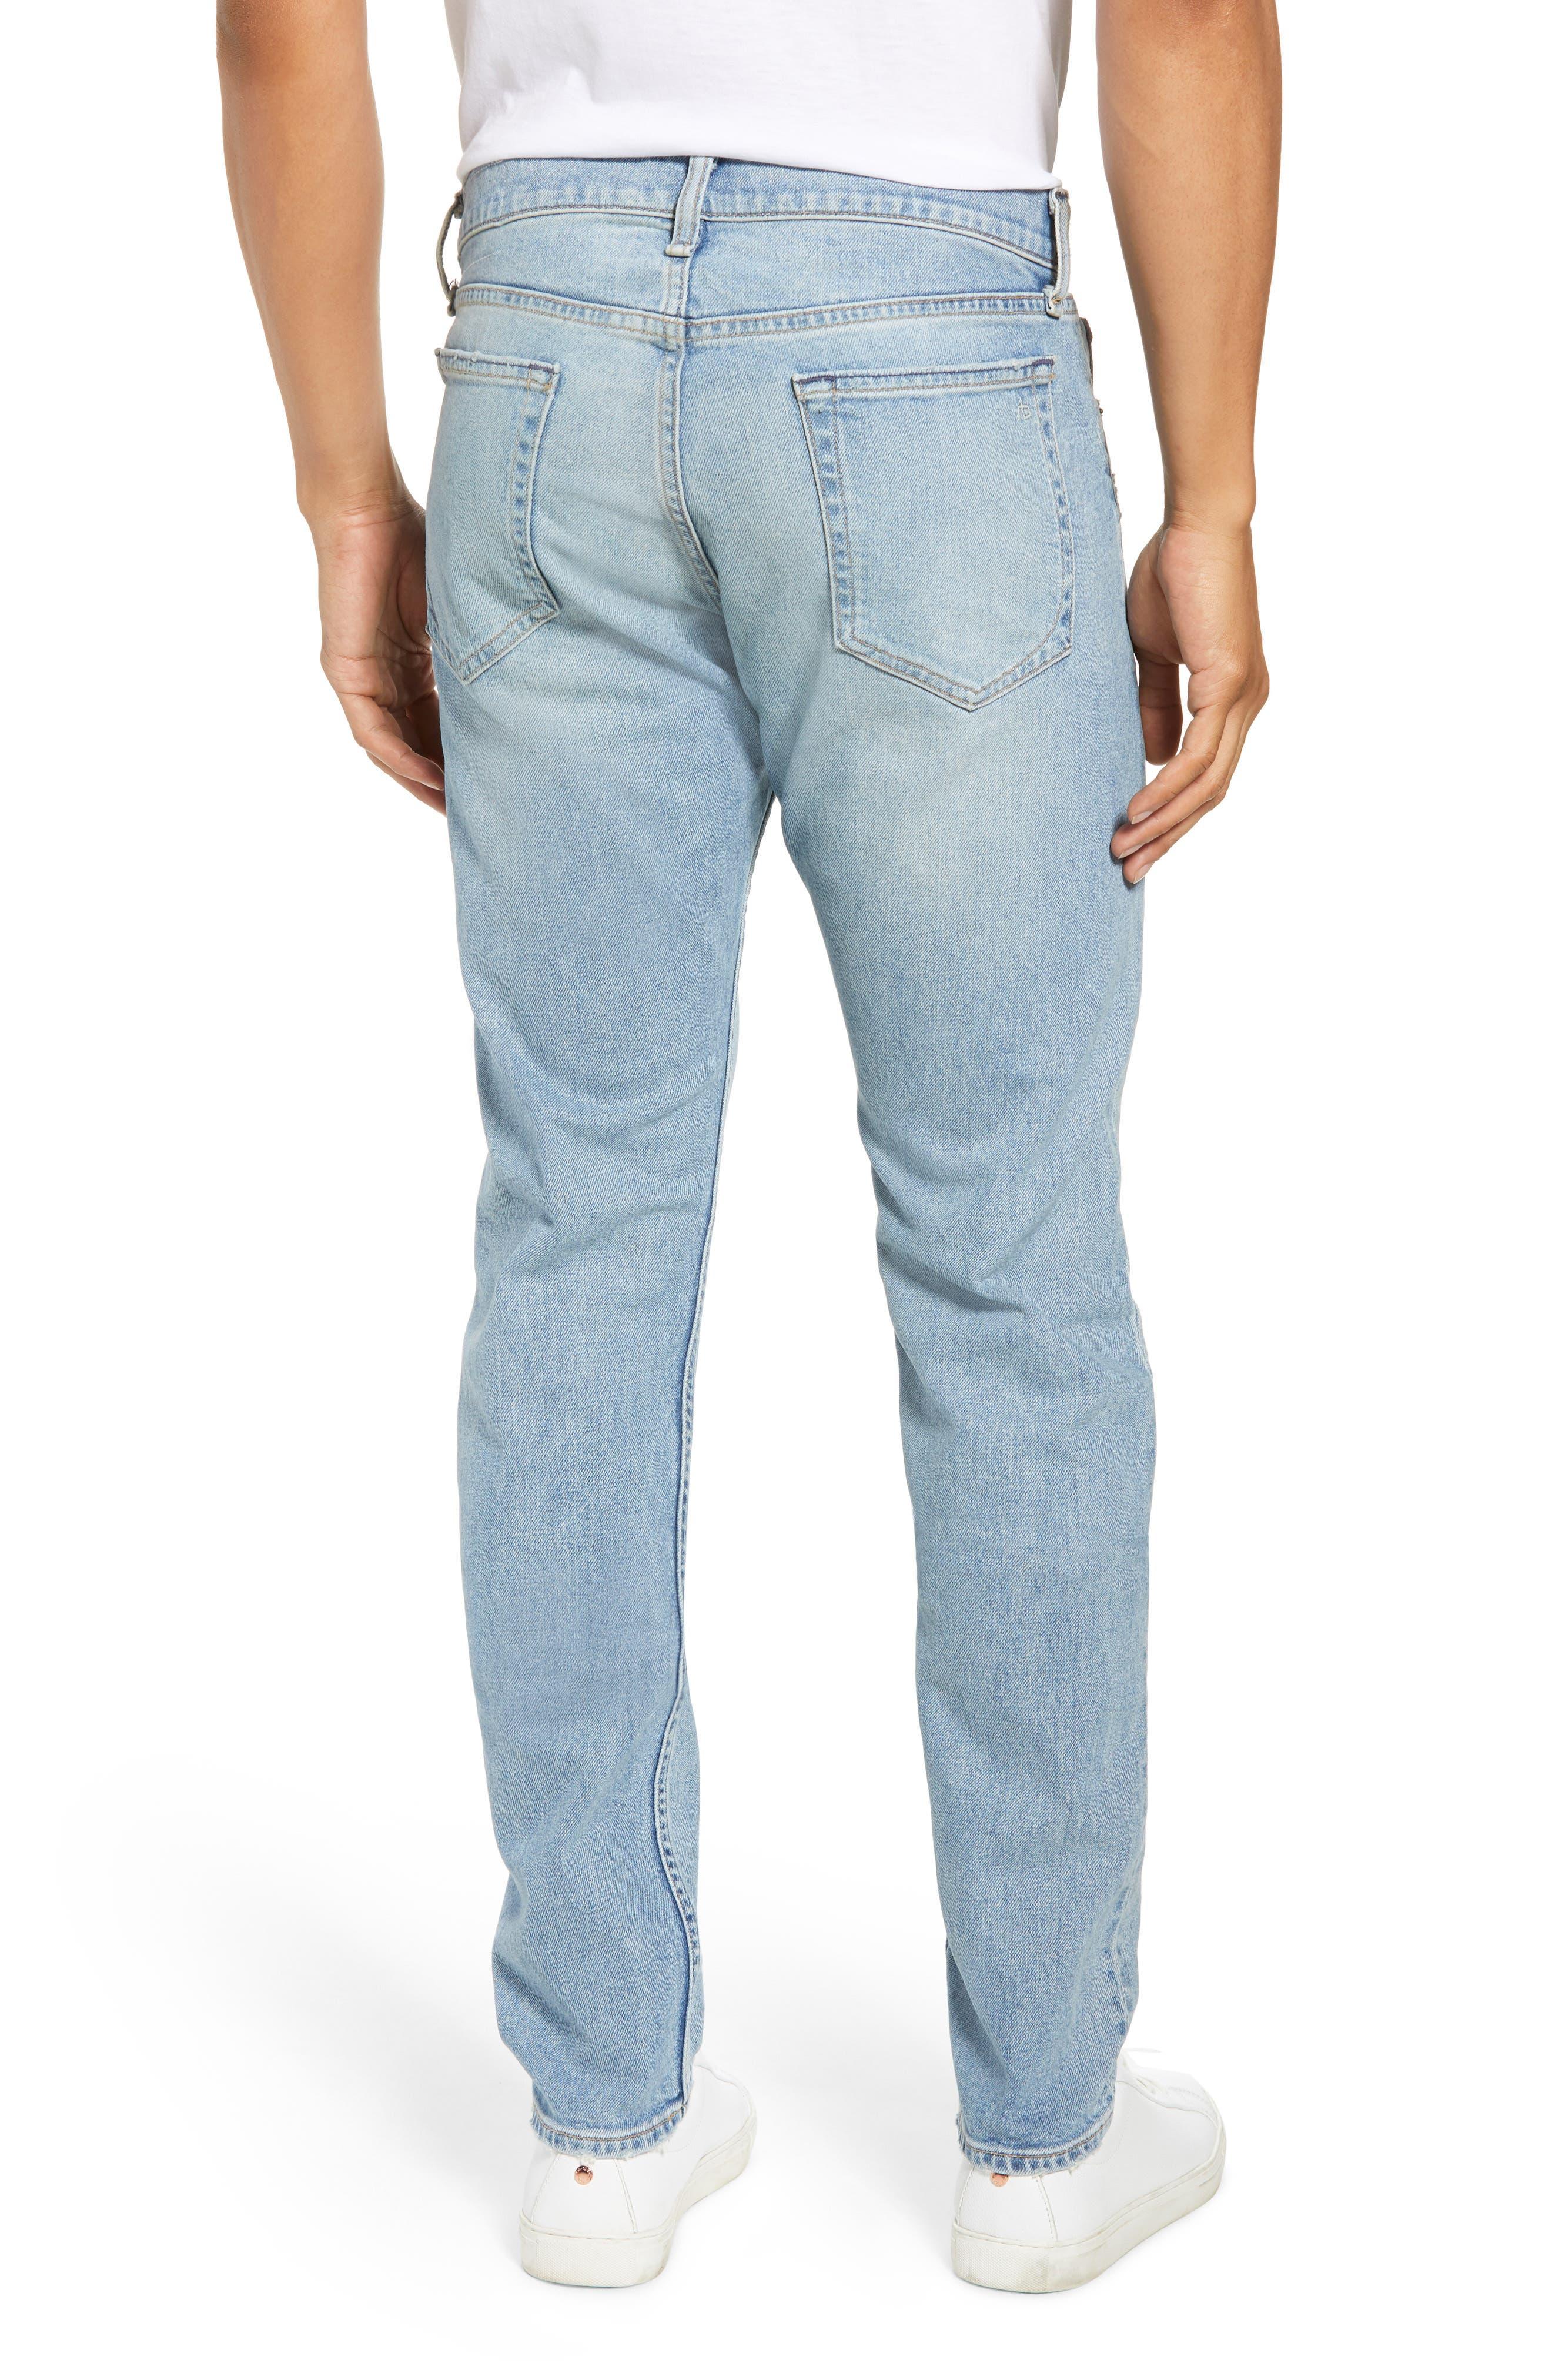 Fit 2 Slim Fit Jeans,                             Alternate thumbnail 2, color,                             400